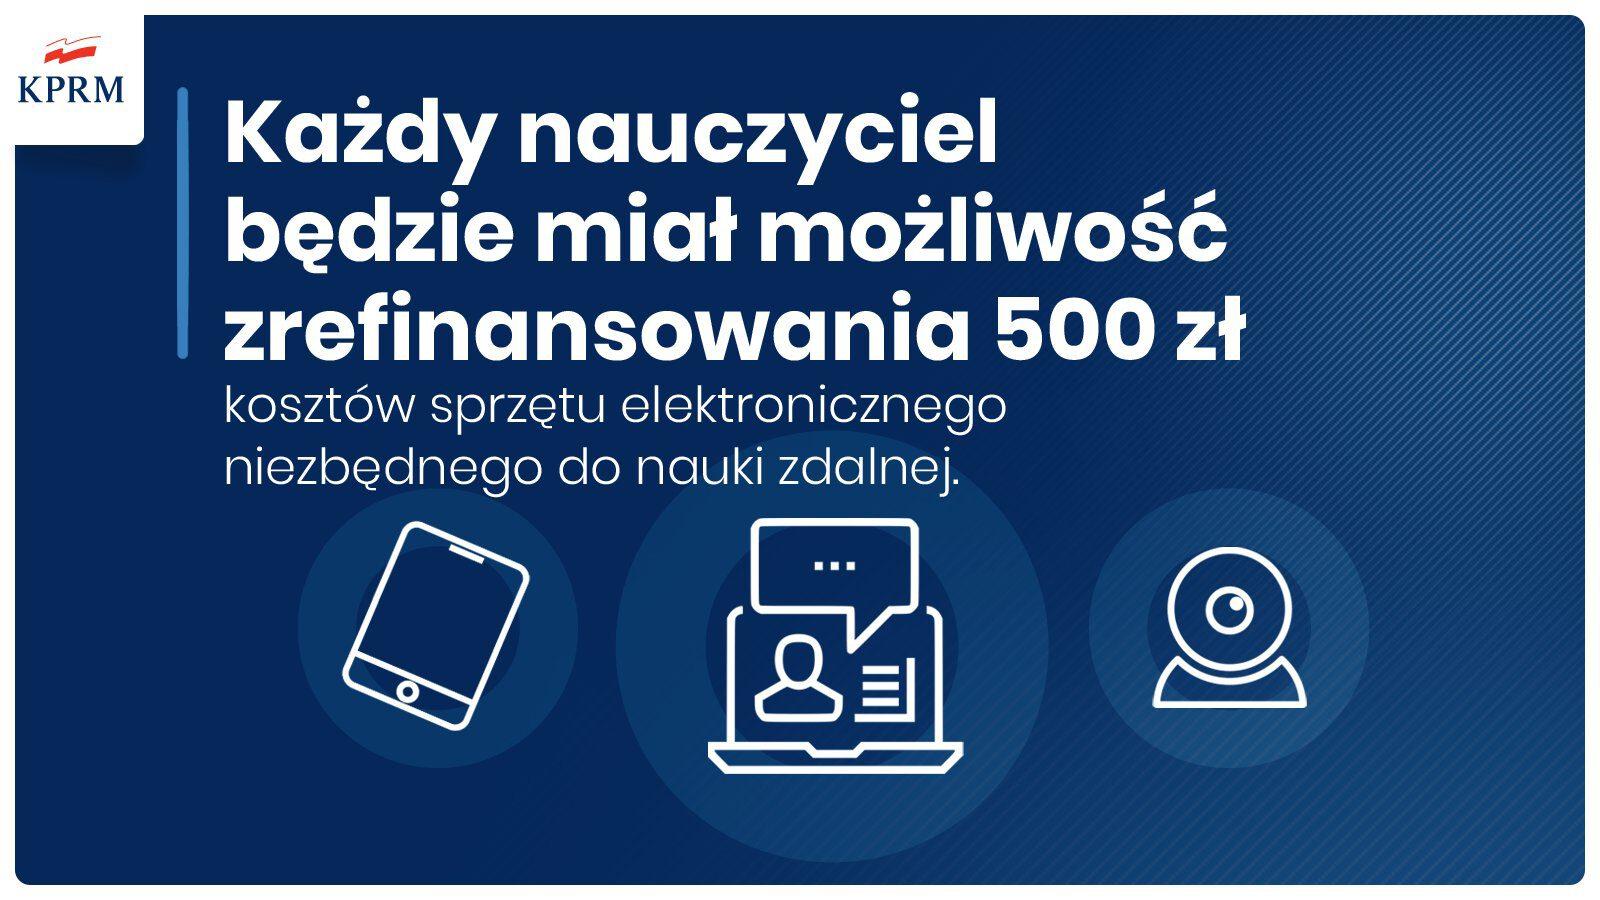 Refinansowanie kosztów sprzętu elektronicznego potrzebnego do nauczania dla nauczycieli do wysokości 500 pln